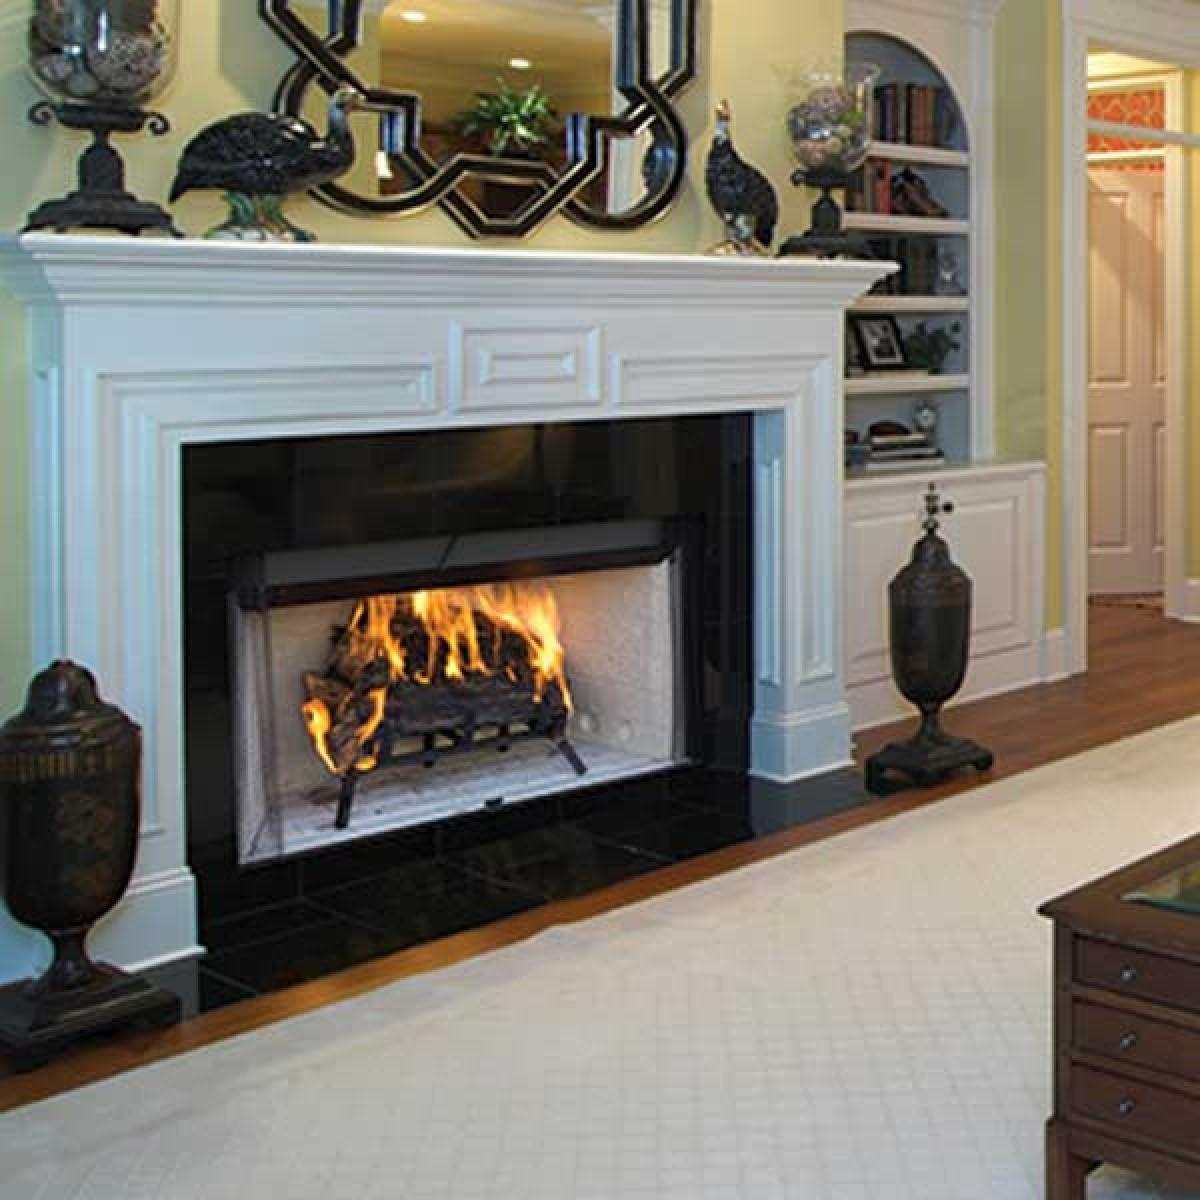 Ihp Superior Wrt Wct3000 Wood Burning Fireplace